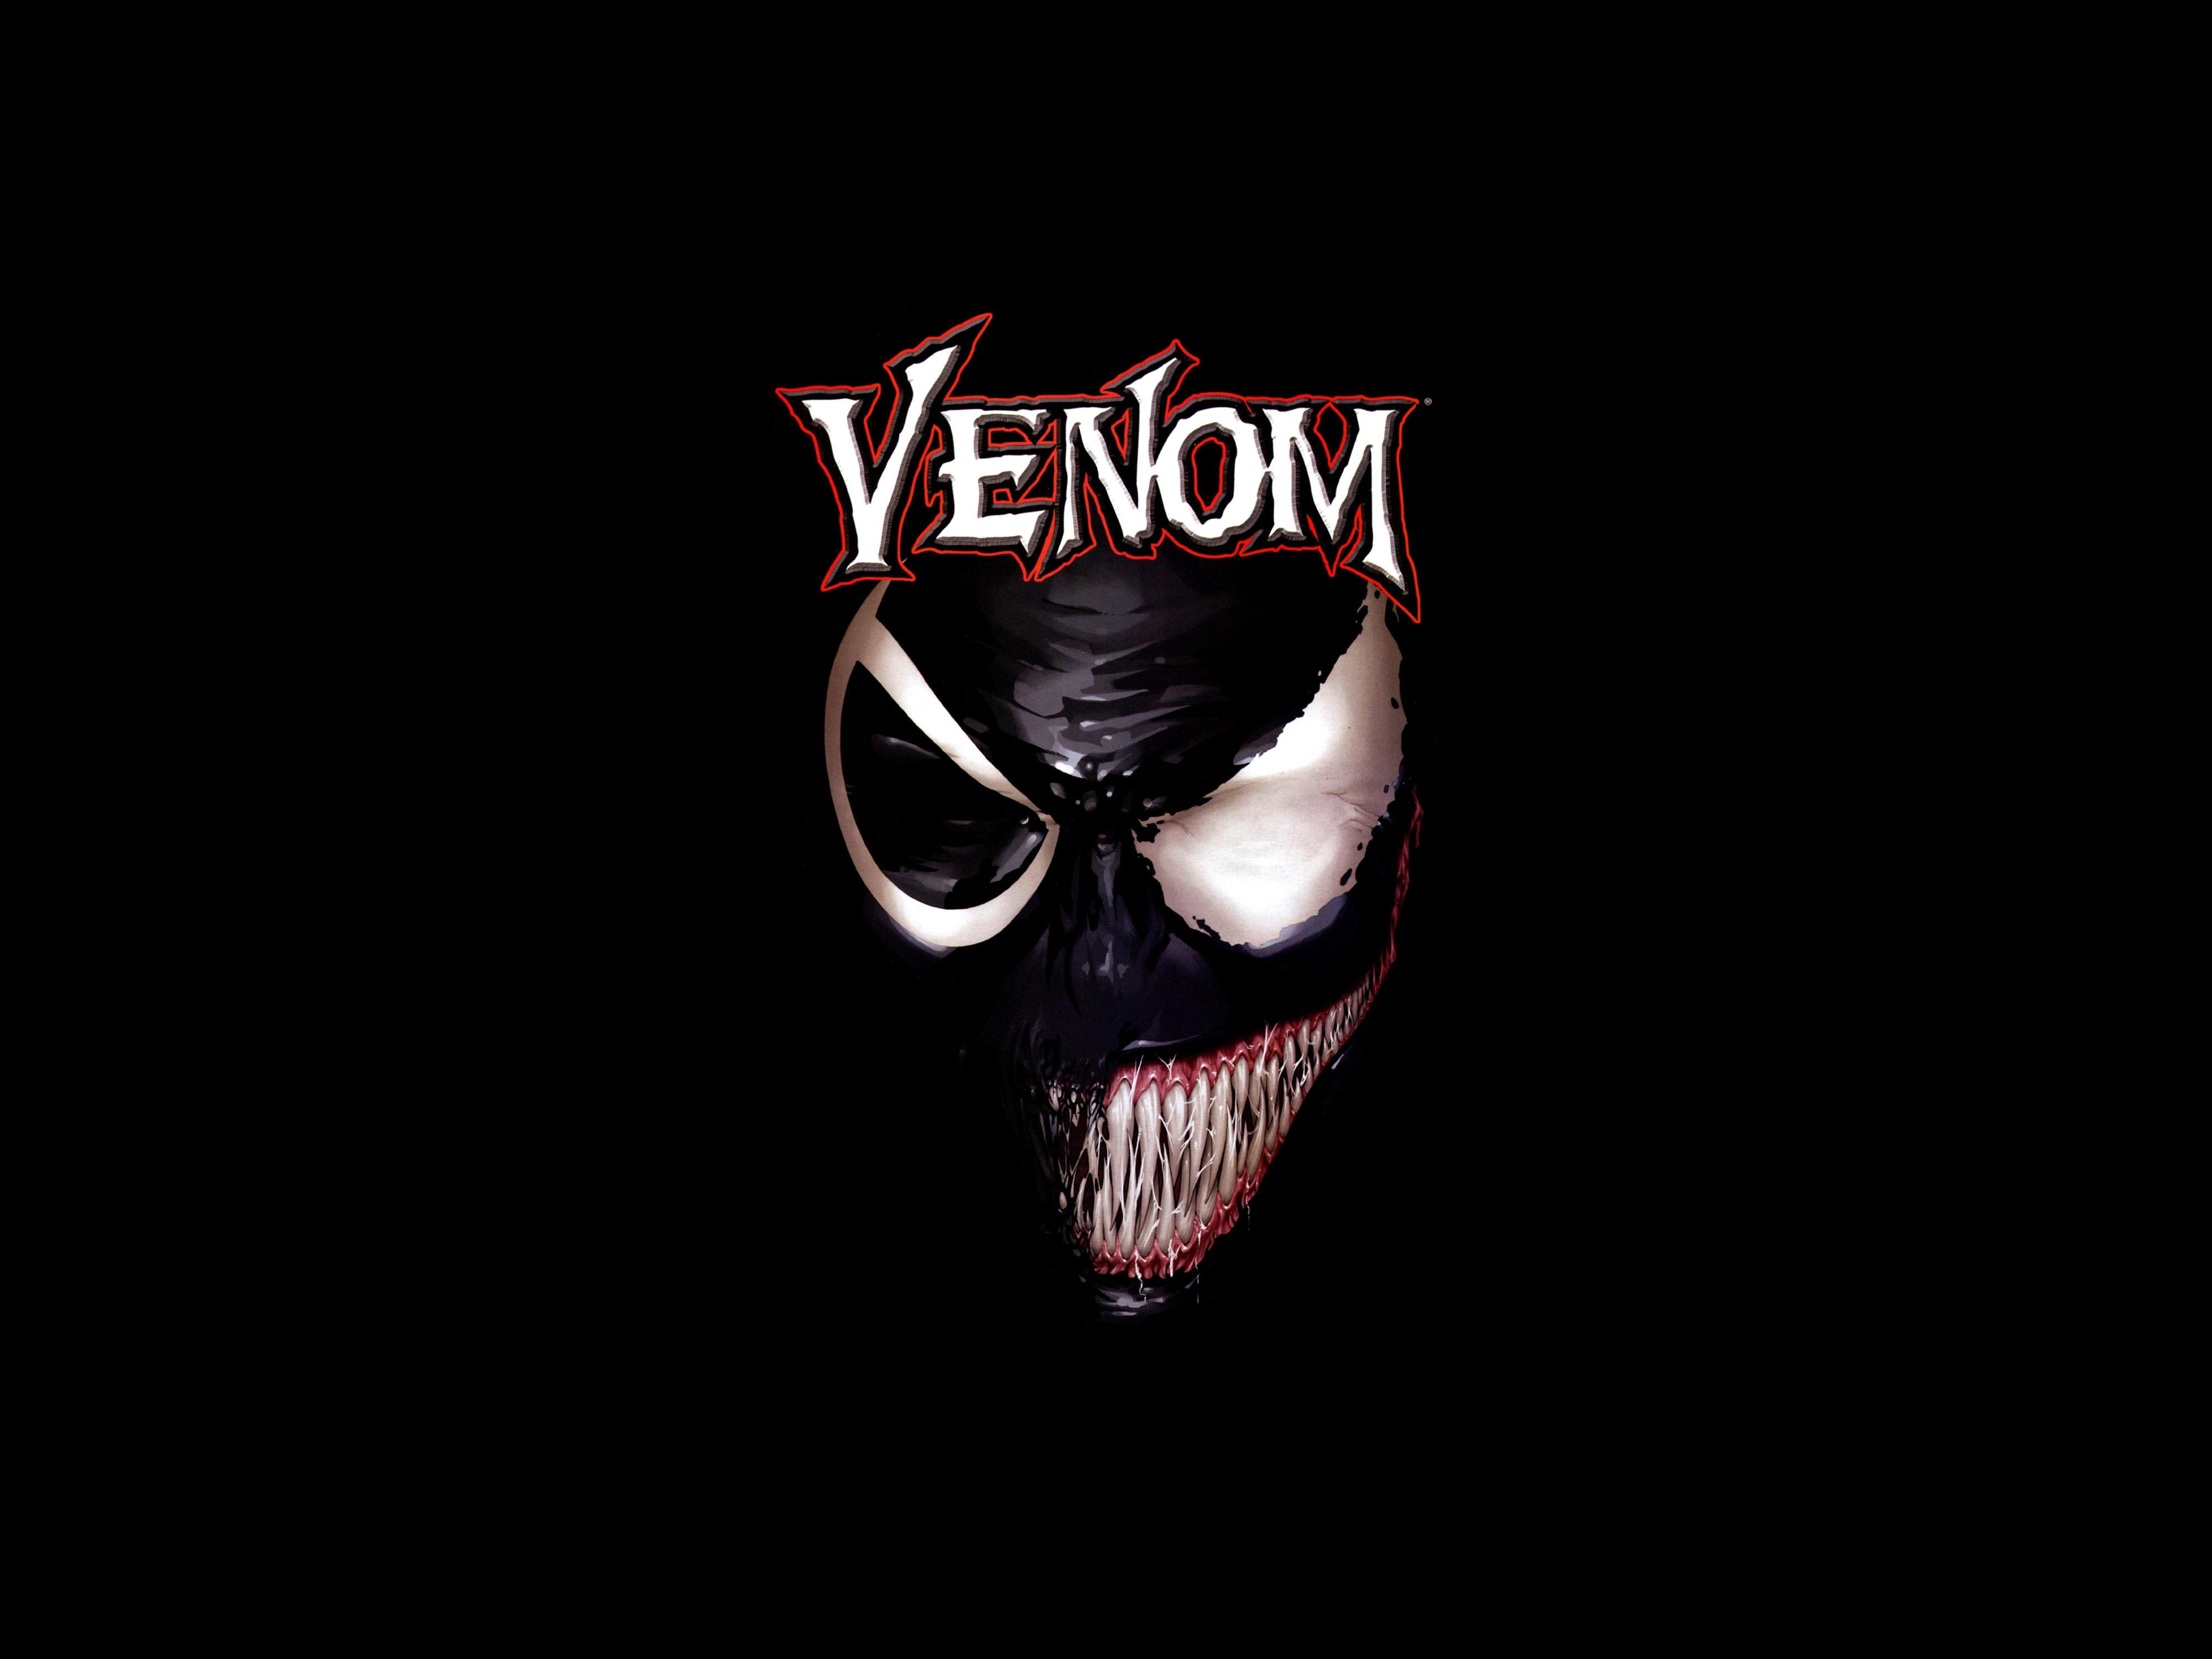 Fondo Venom